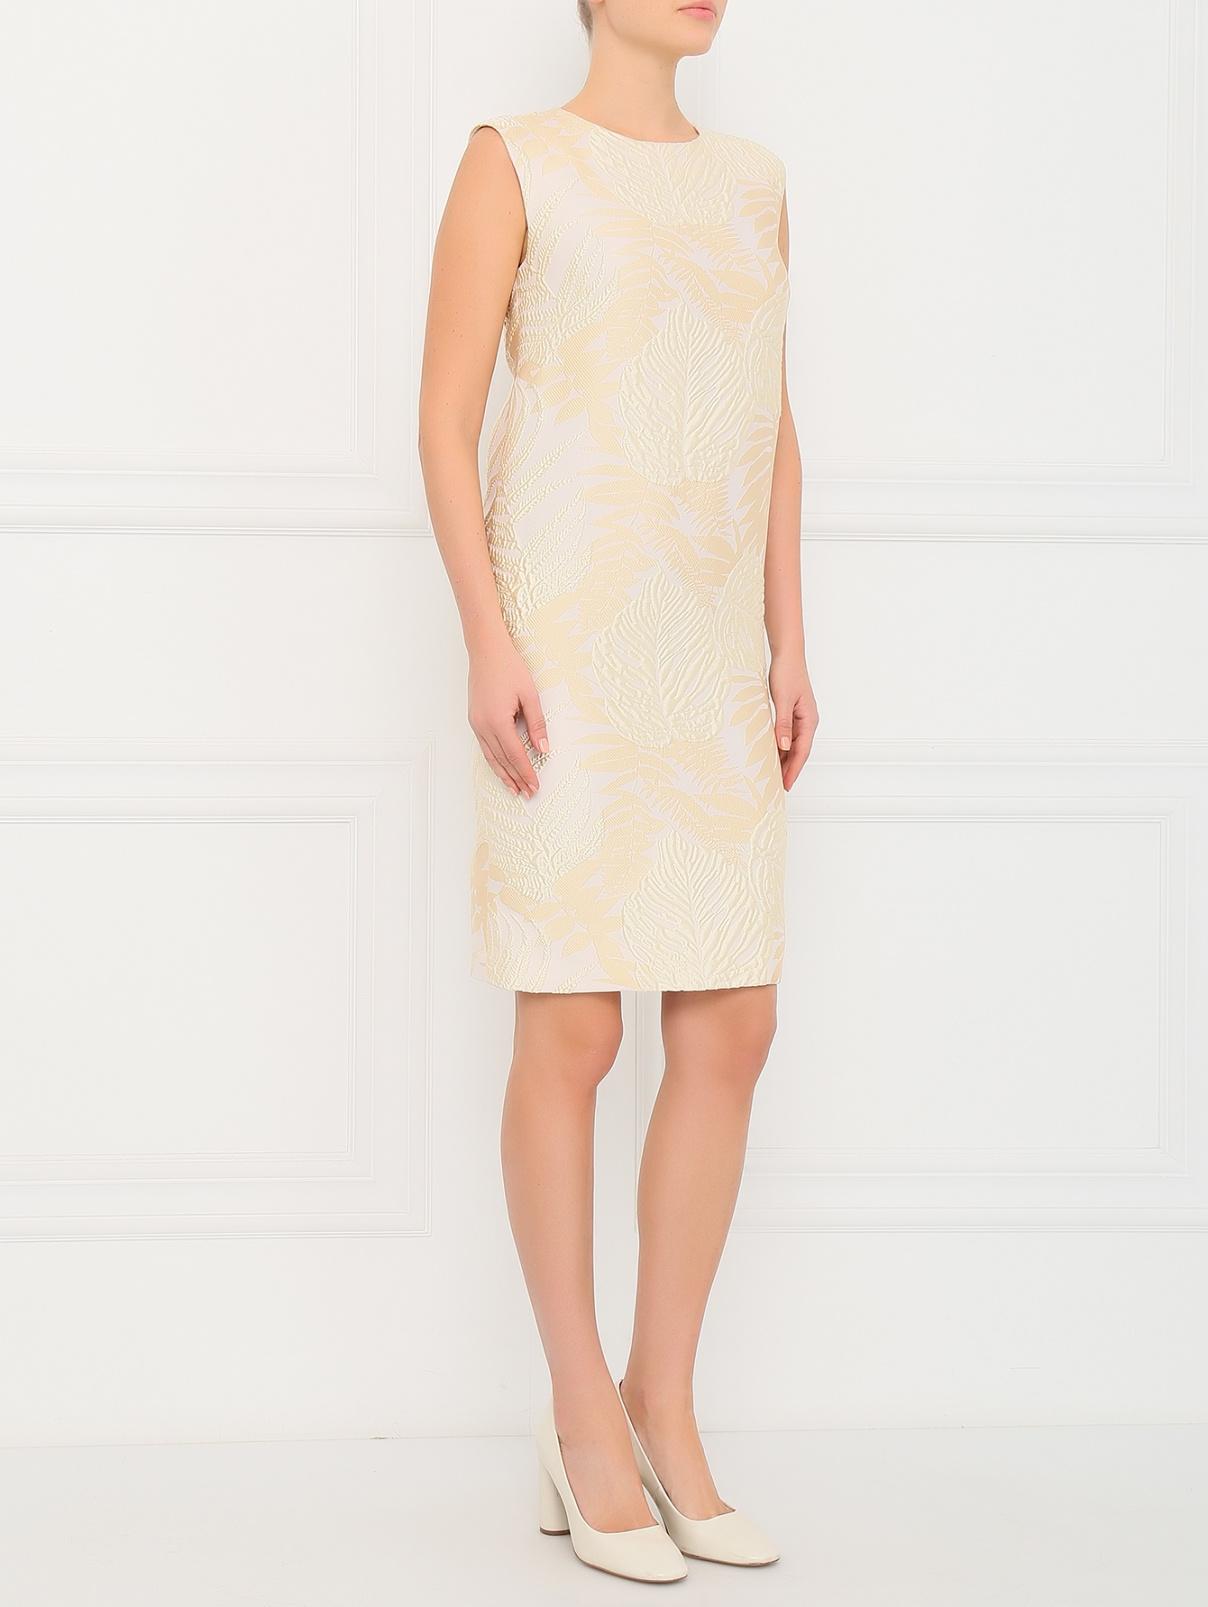 Платье-мини без рукавов прямого кроя Ermanno Scervino  –  Модель Общий вид  – Цвет:  Бежевый